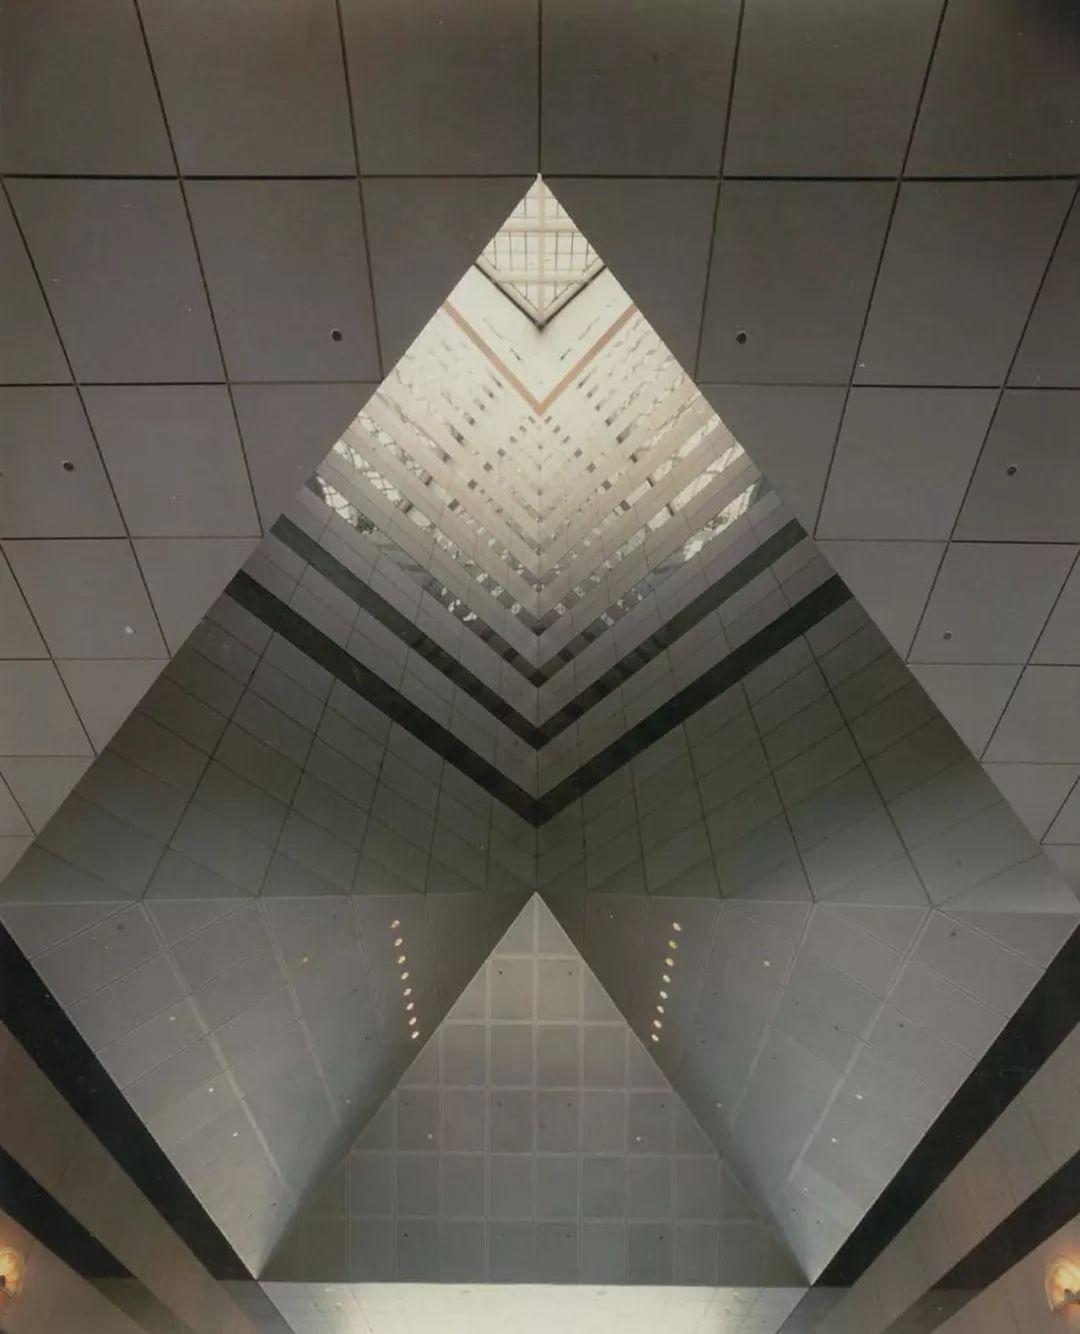 致敬贝聿铭:世界上最会用「三角形」的建筑大师_58